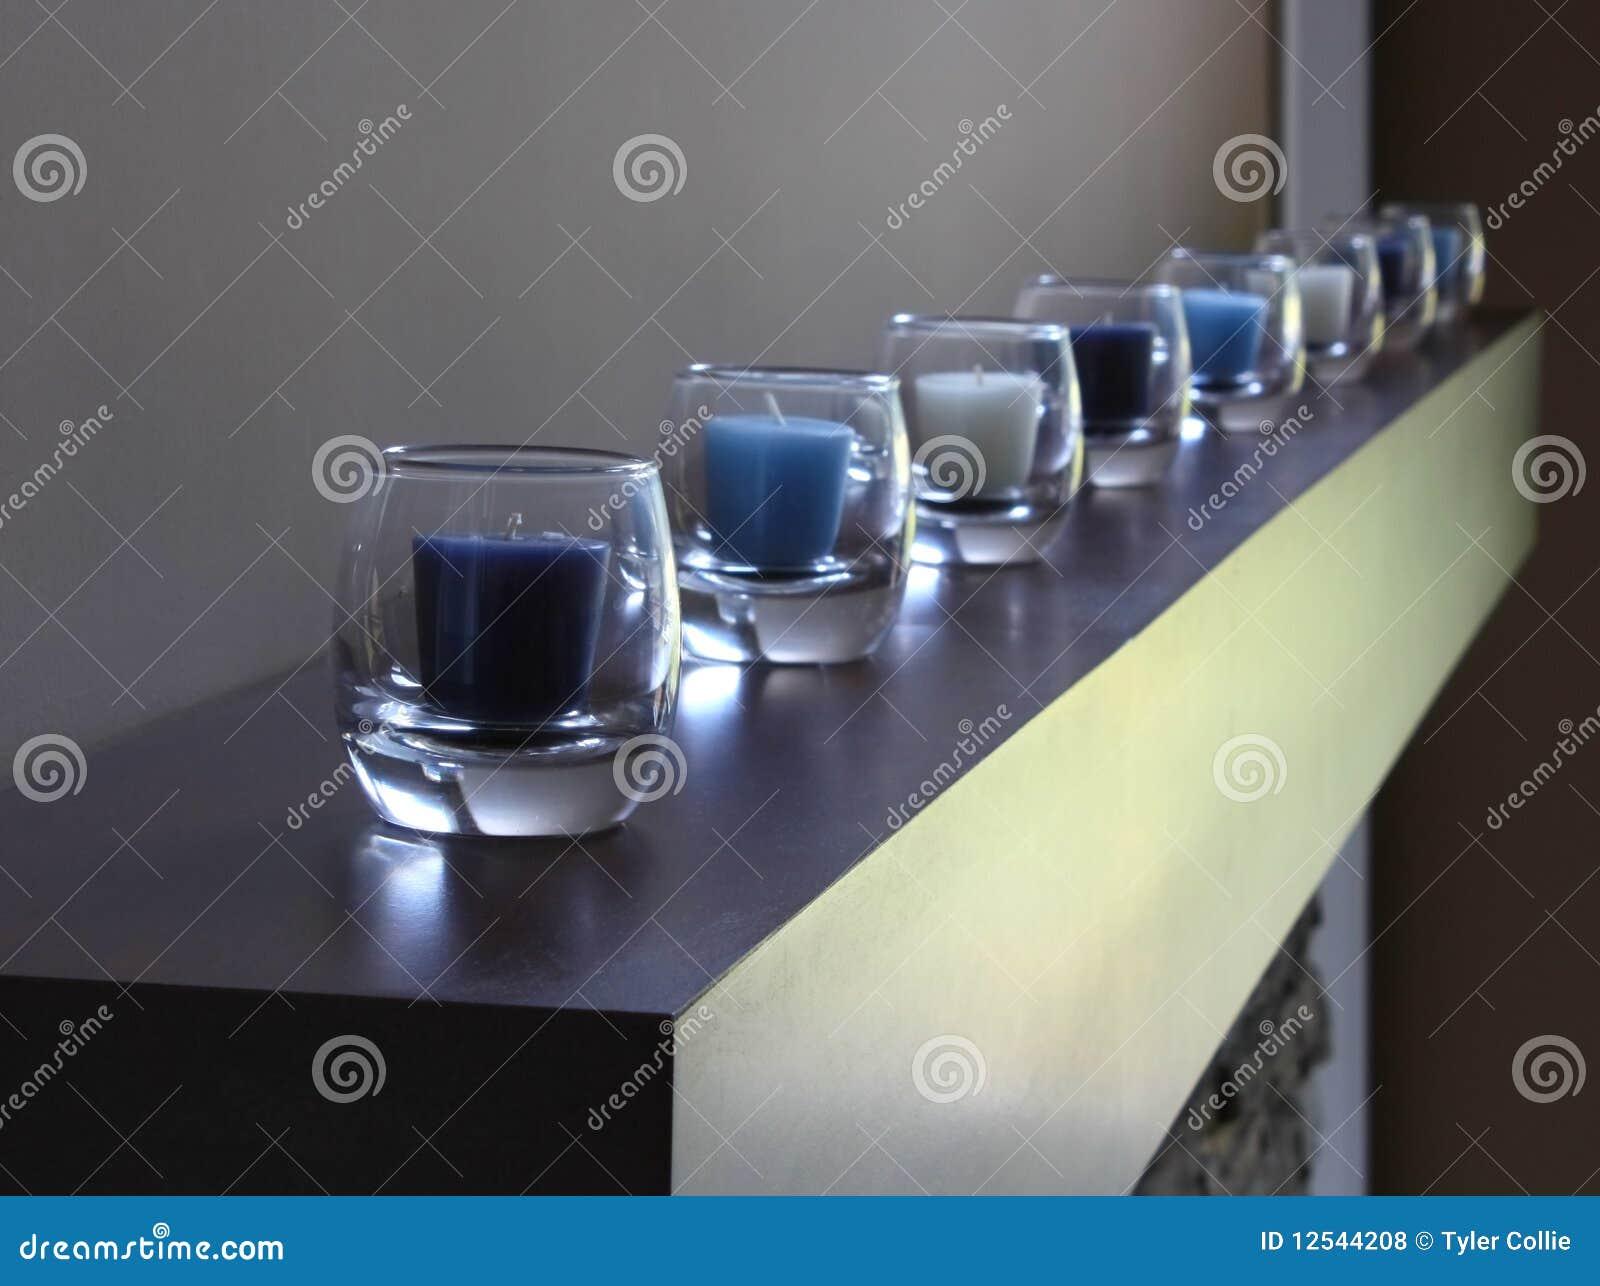 zeile der kerzen im glas blaue farbe lizenzfreie. Black Bedroom Furniture Sets. Home Design Ideas